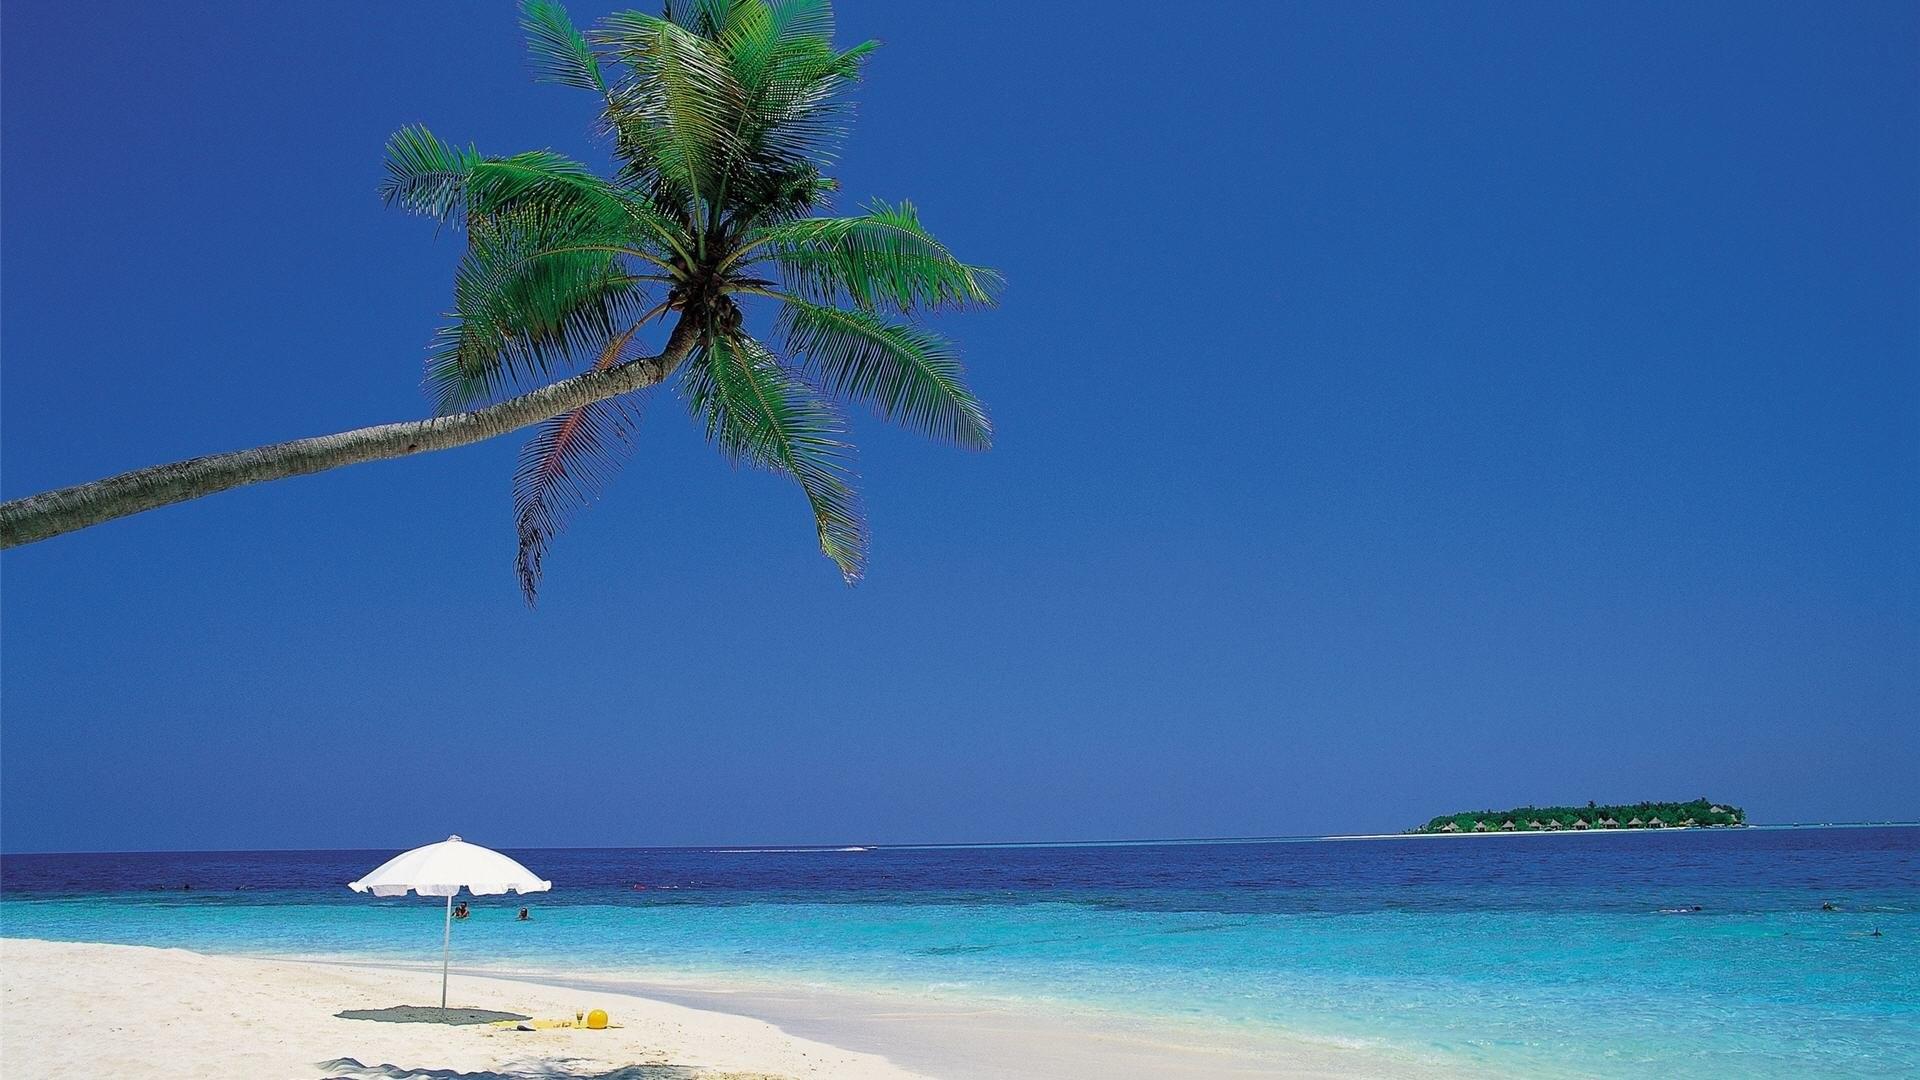 Caribbean Beach 417319